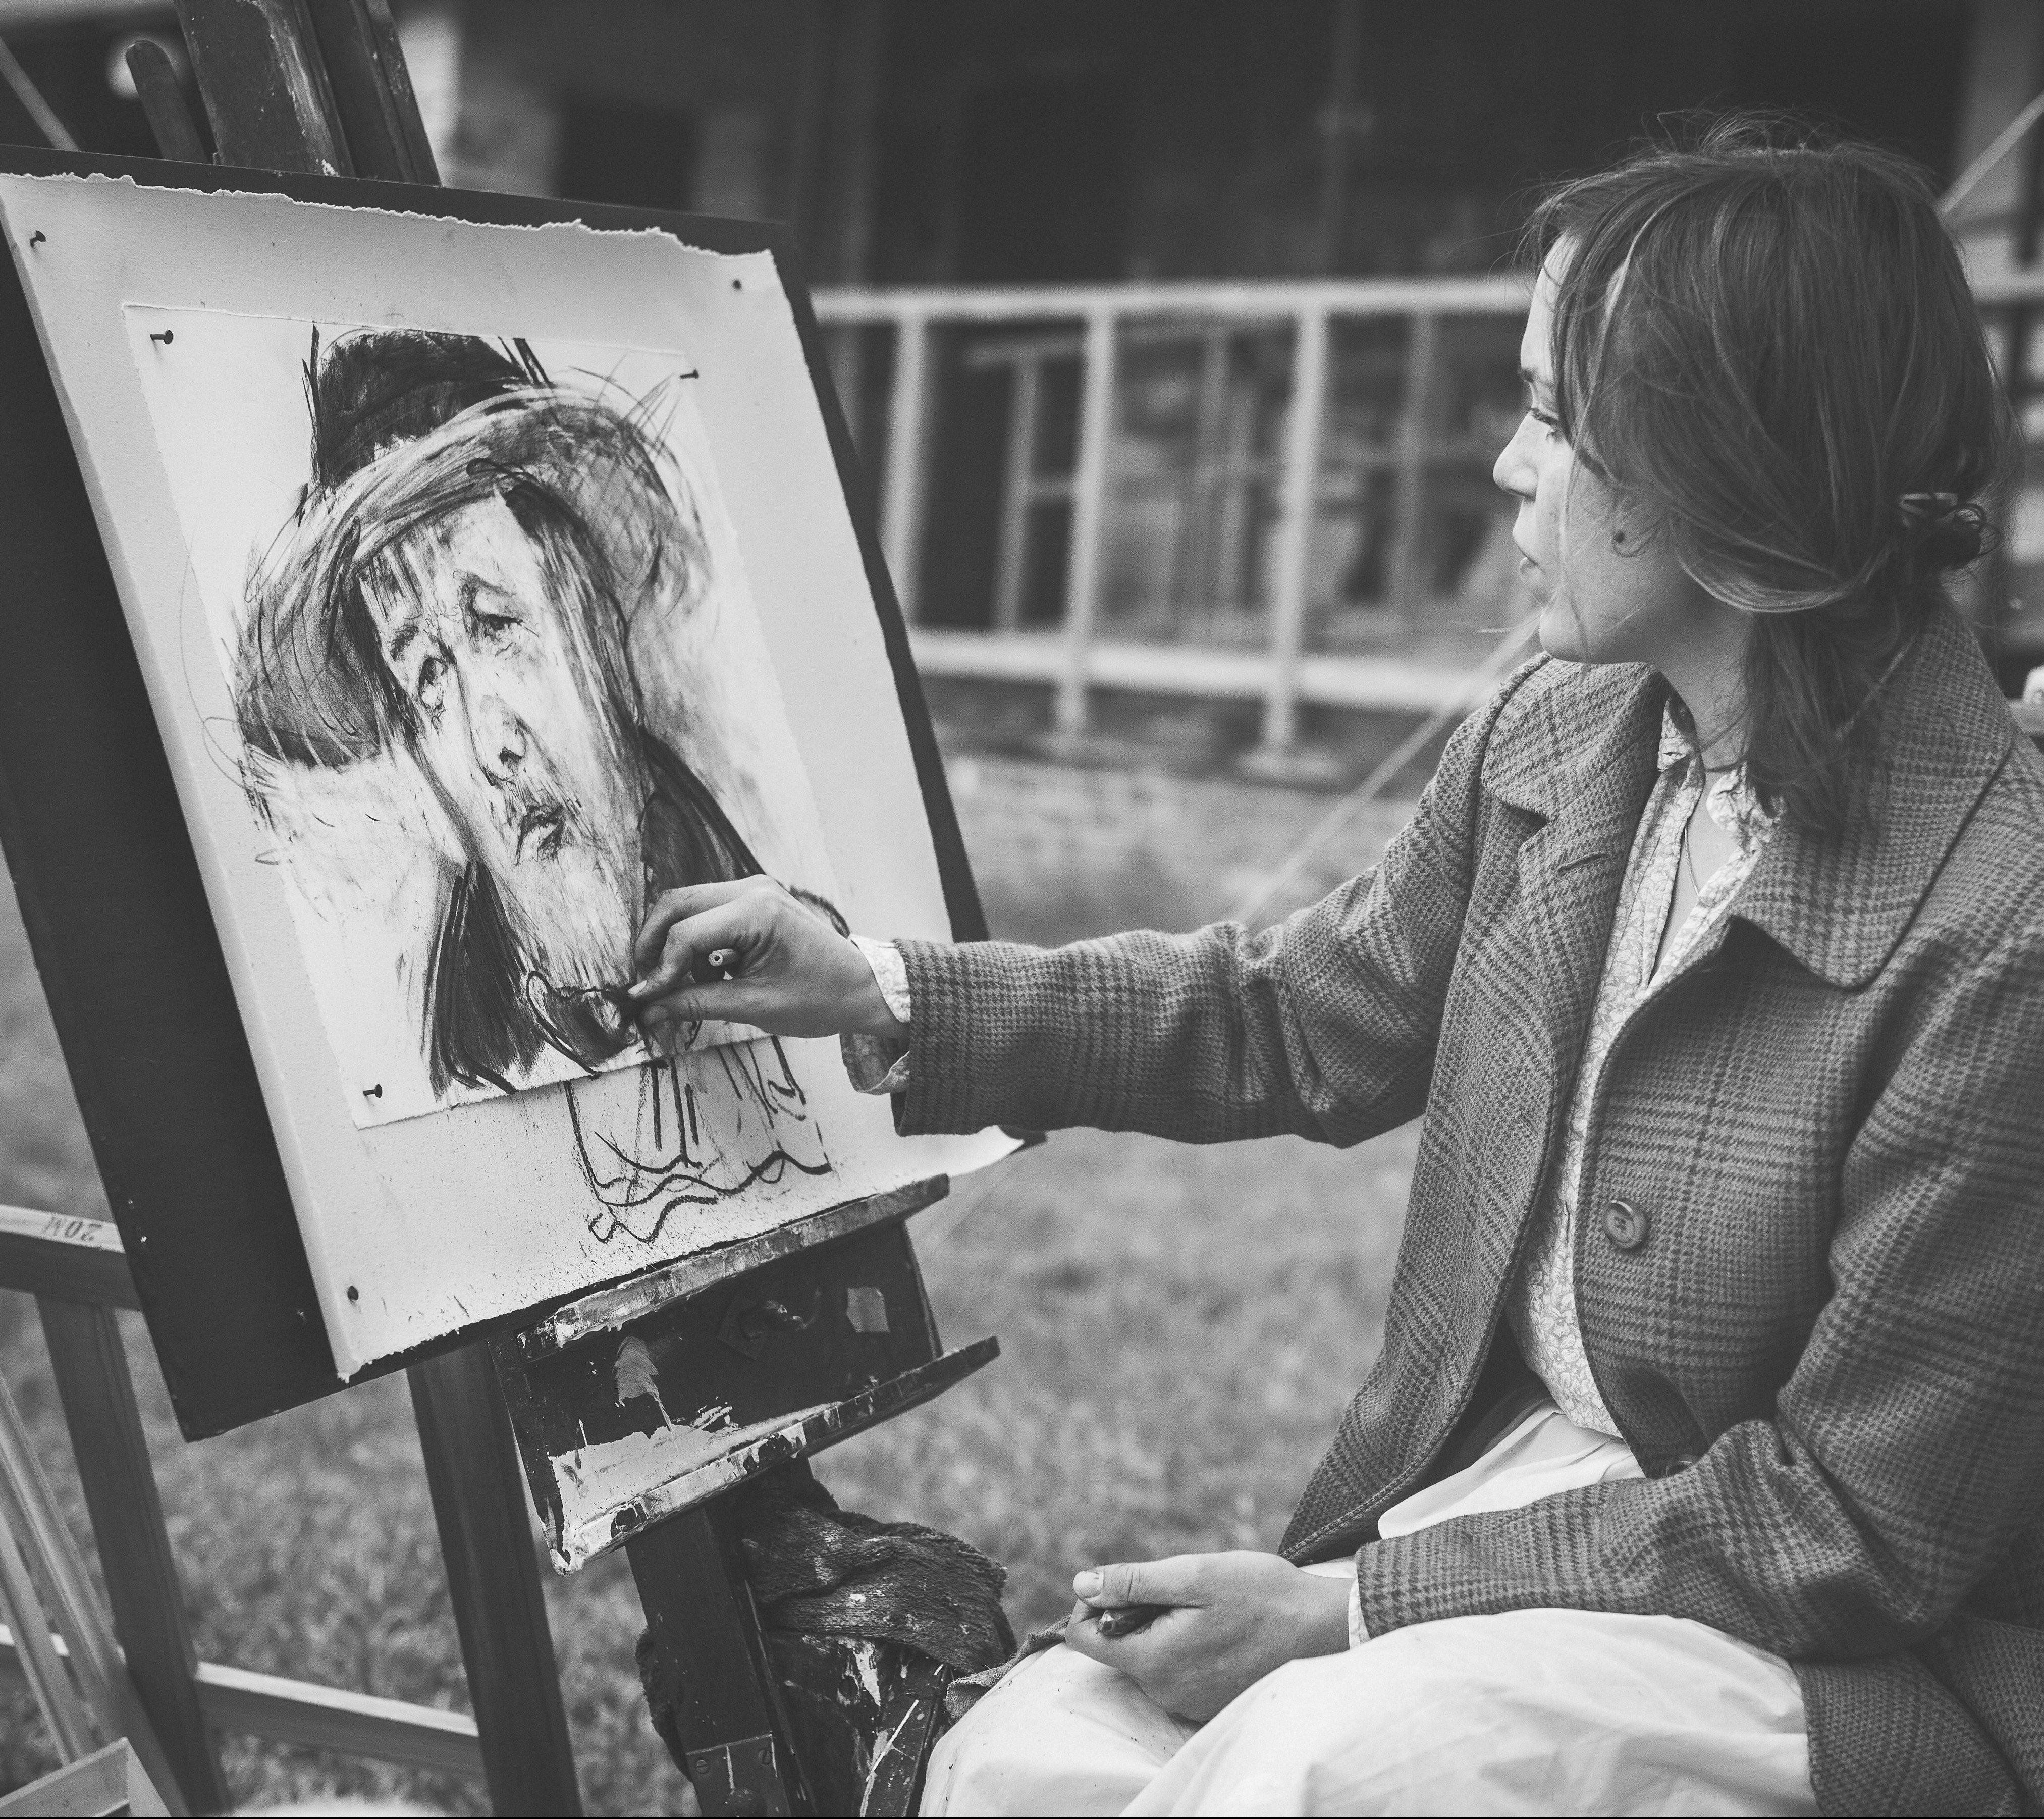 Imagen de una mujer pintando un cuadro en blanco y negro, mujeres artistas